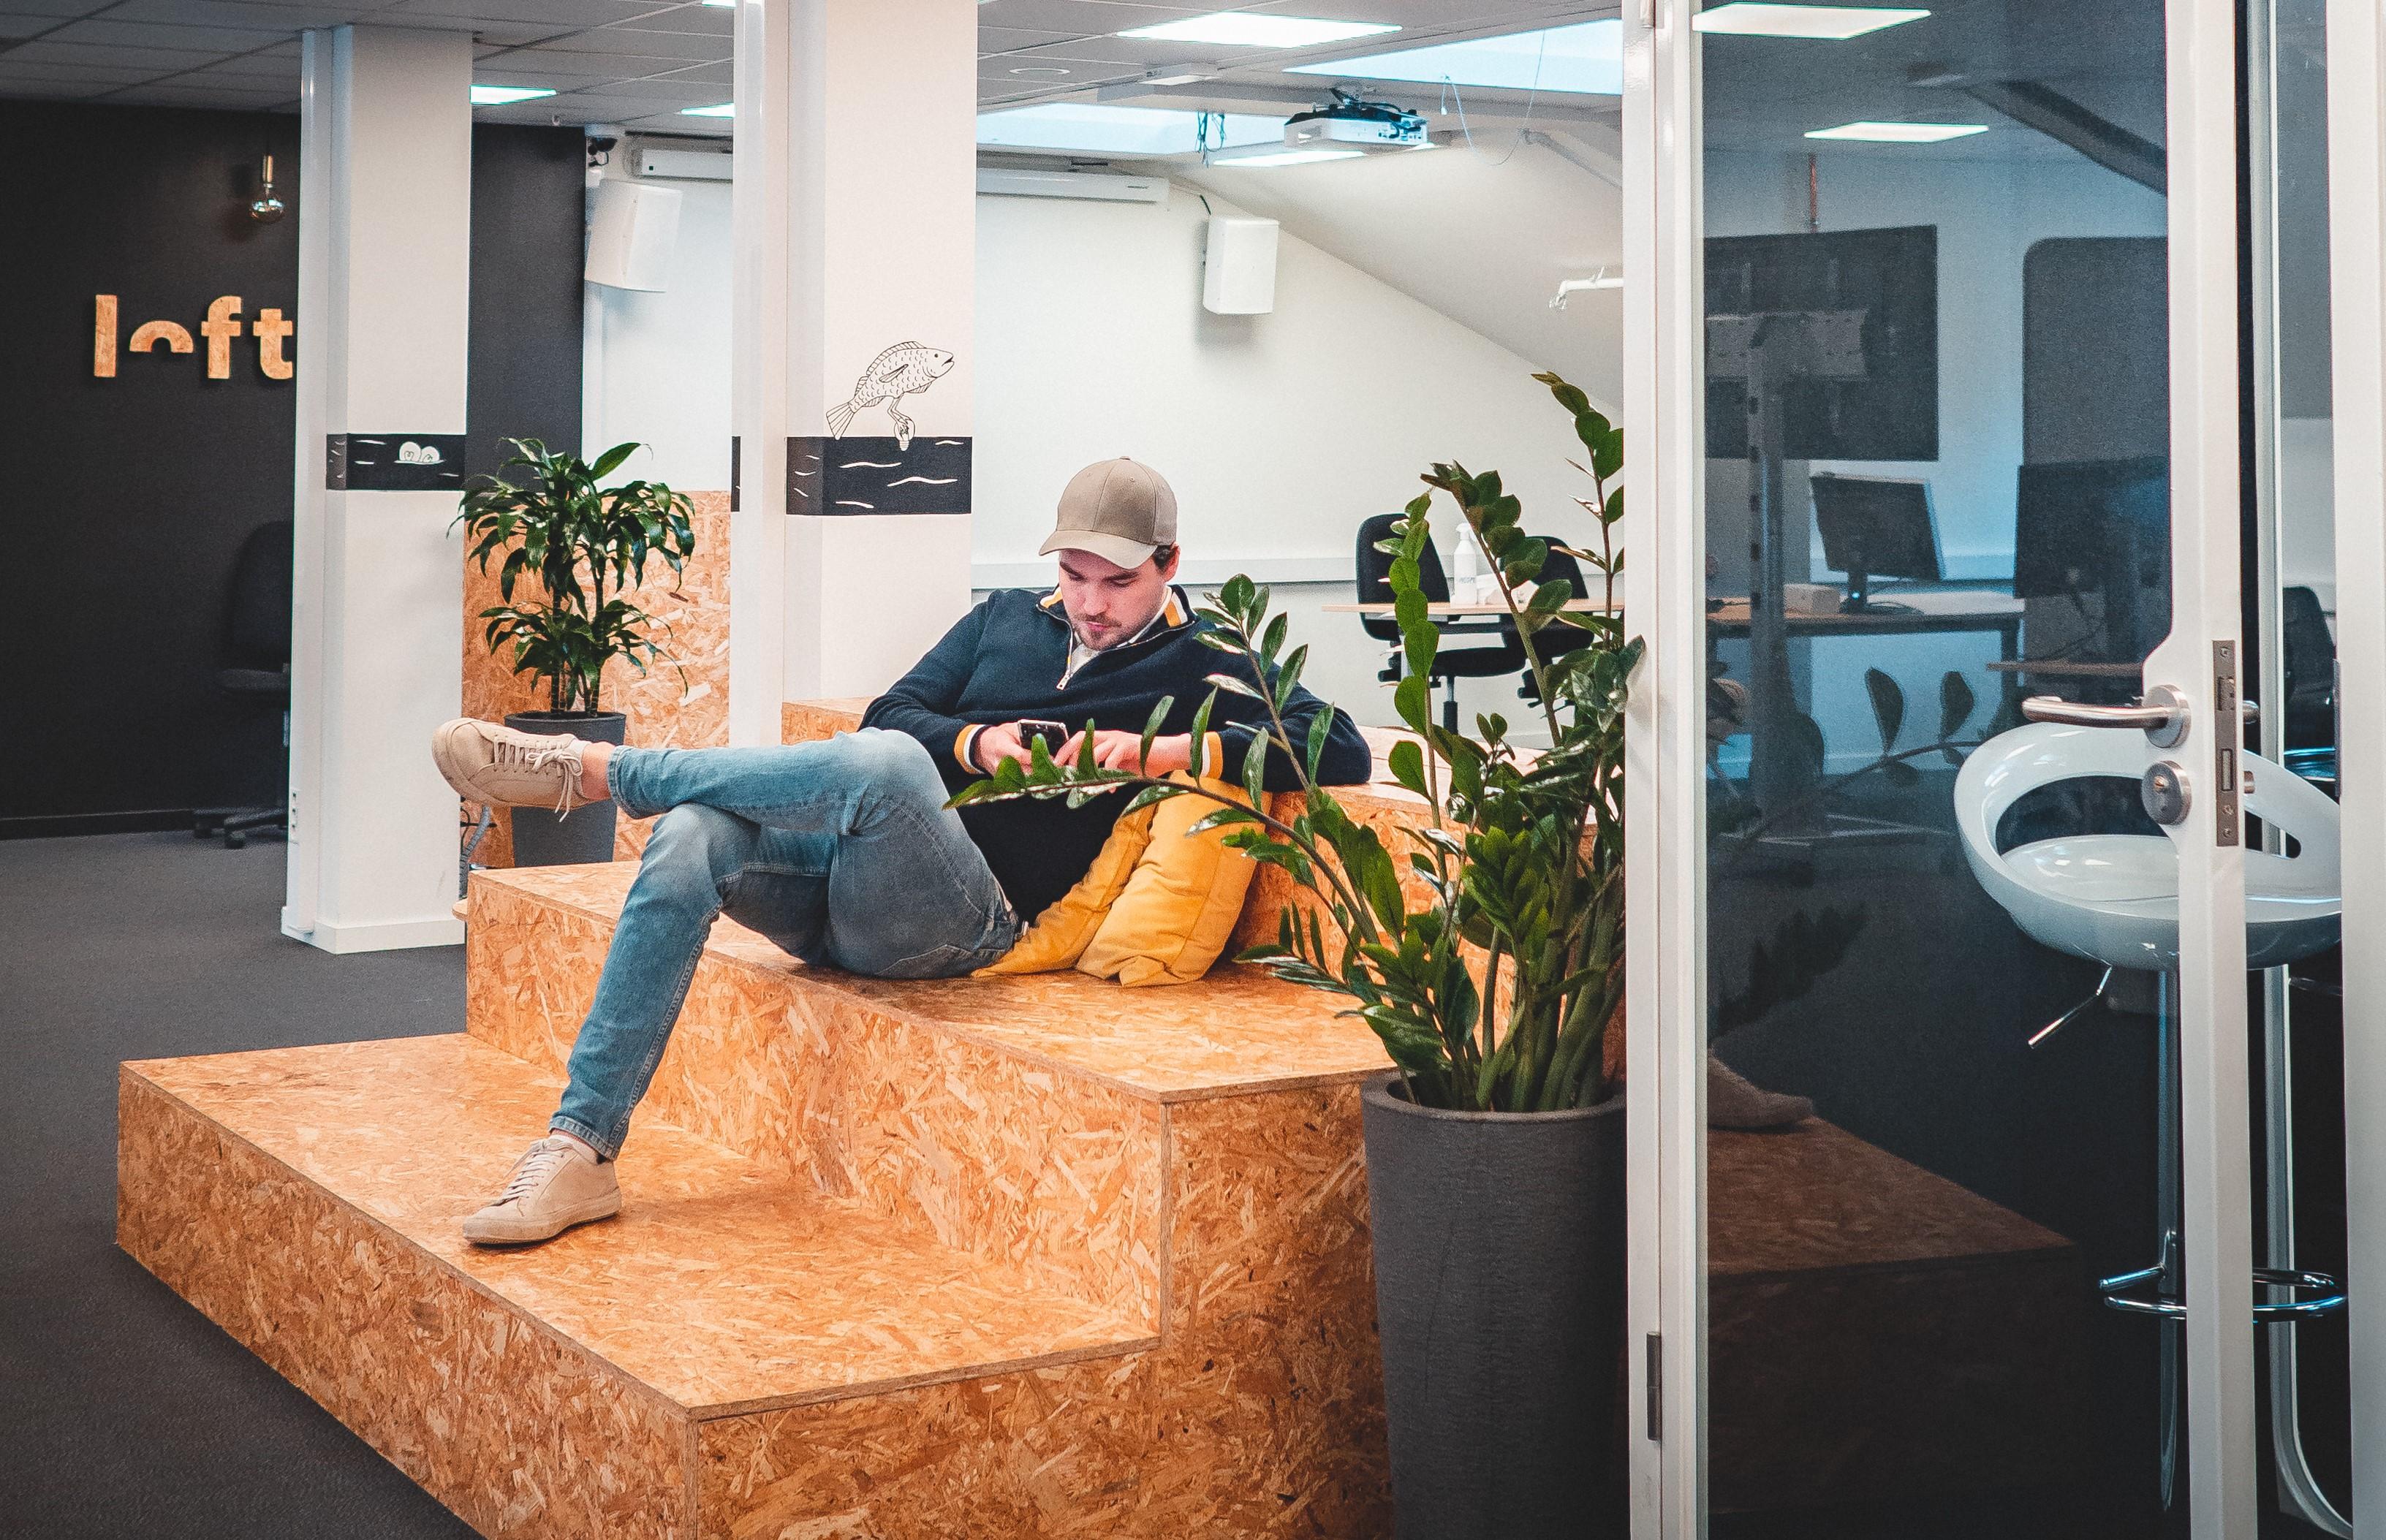 Student med egen startup? Få hjelp på Loftet!